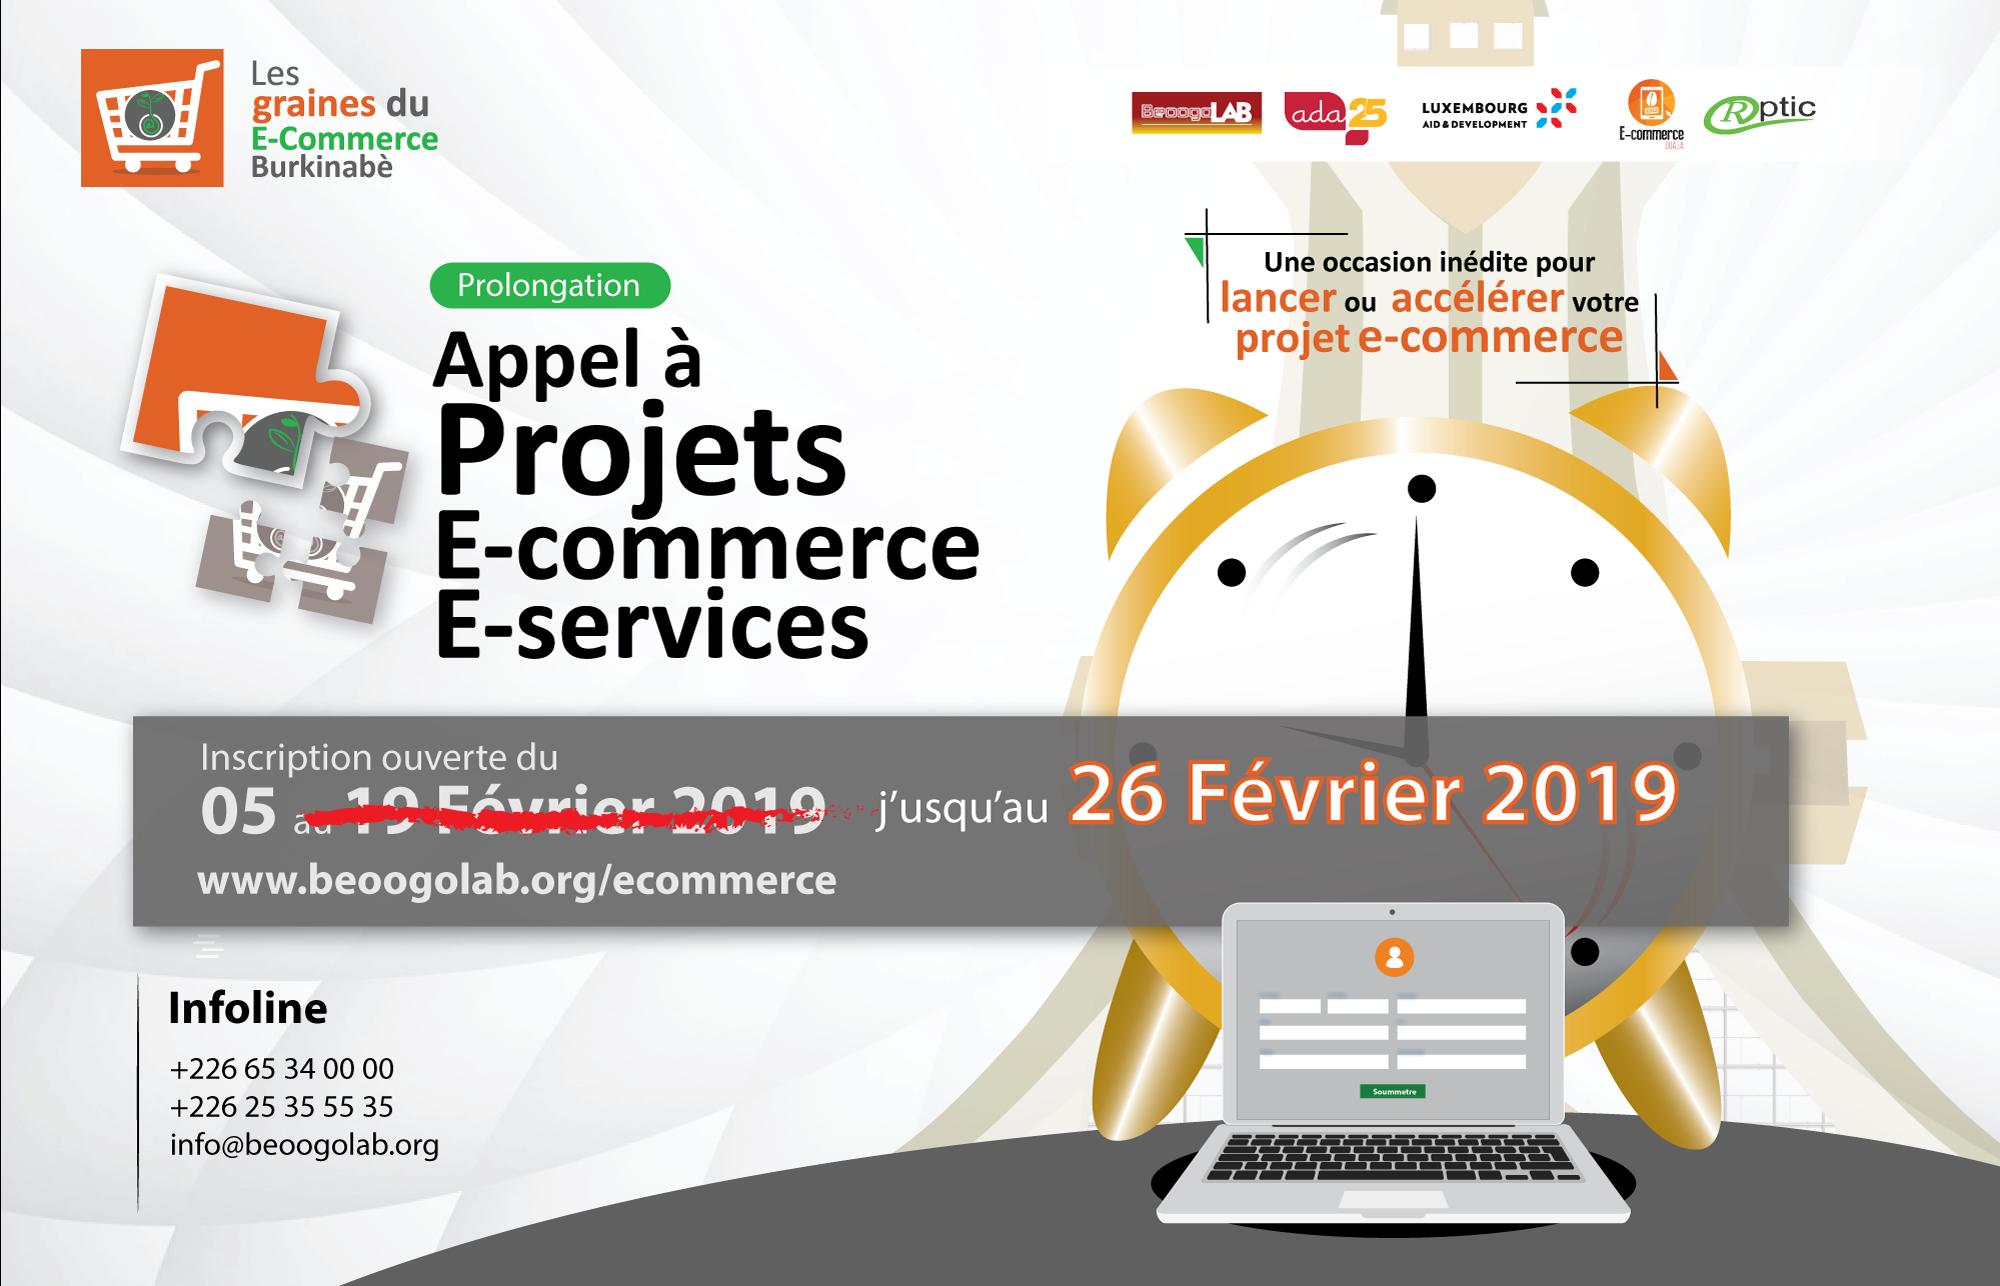 Extension de l'appel à projets : boostez votre entreprise ou votre projet de e-commerce ou e-services au Burkina